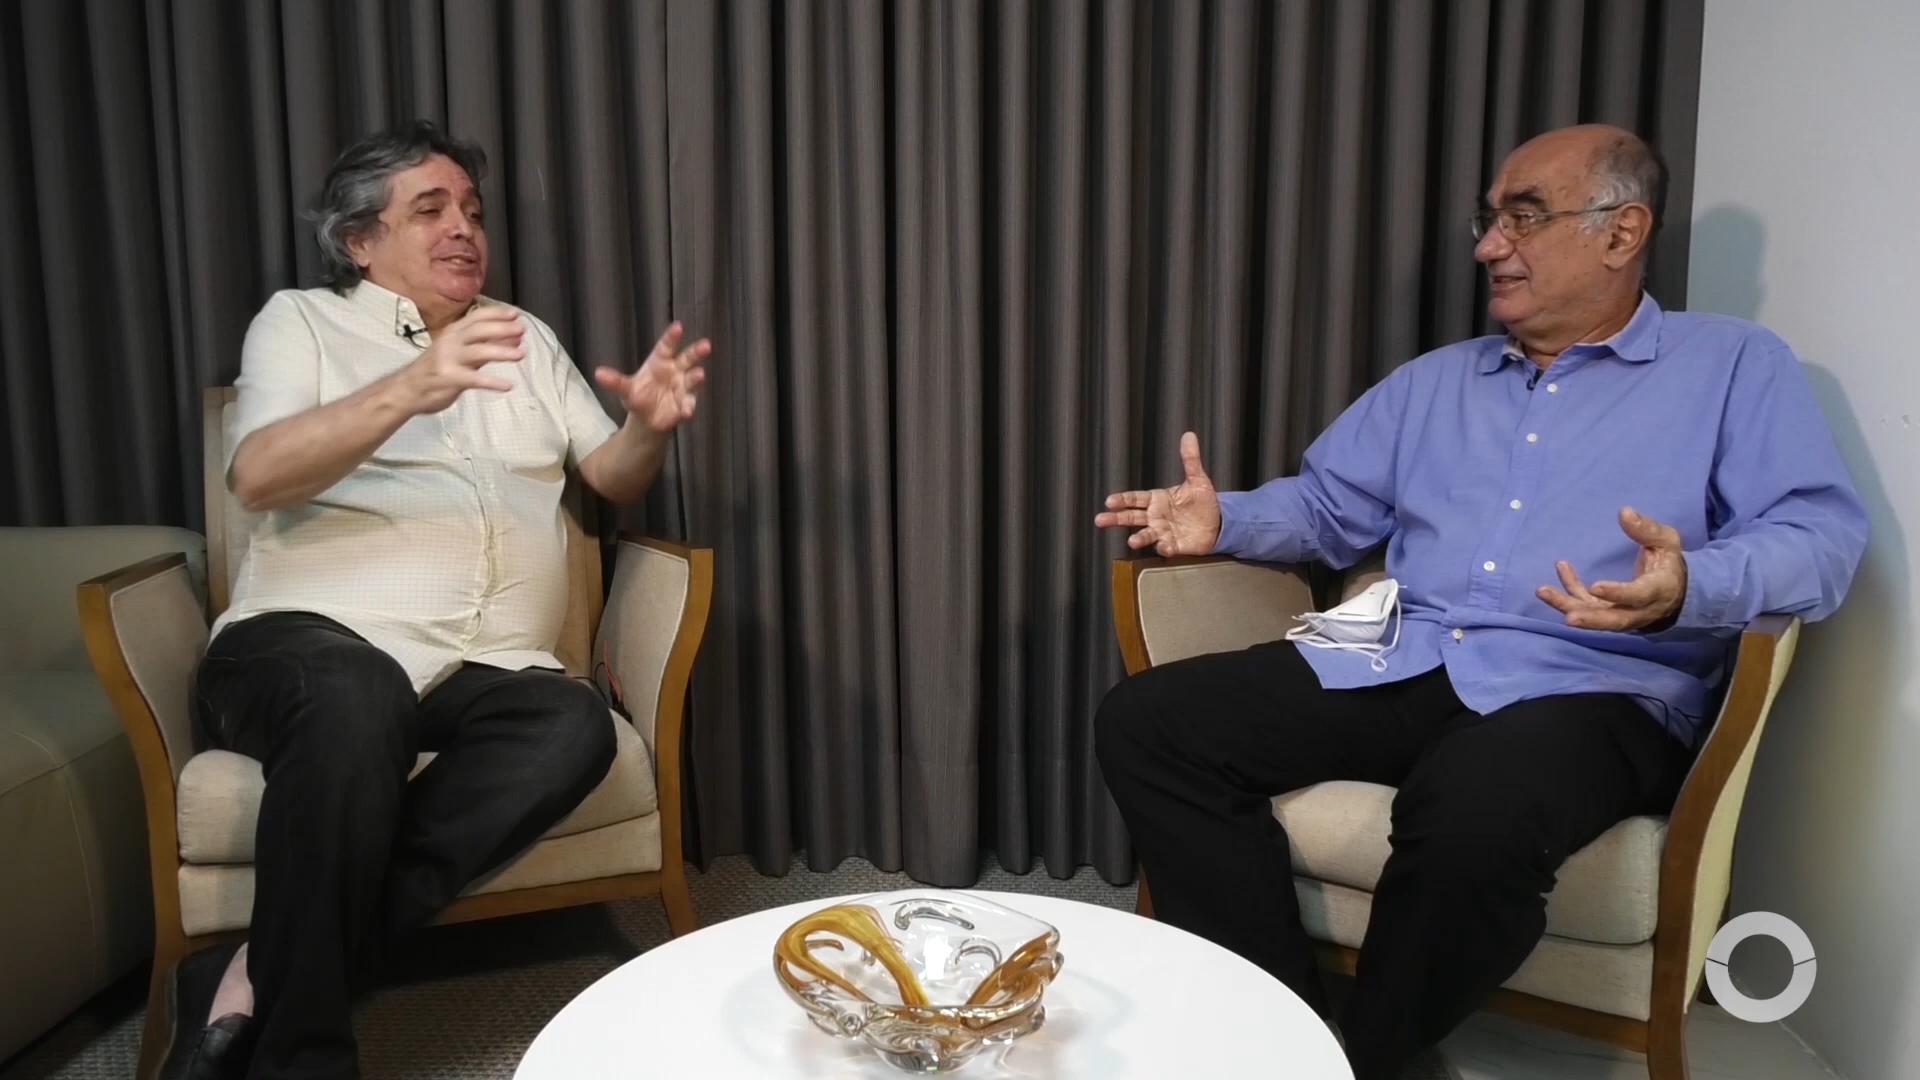 Mosaico entrevista Dr. Salvio Pinto